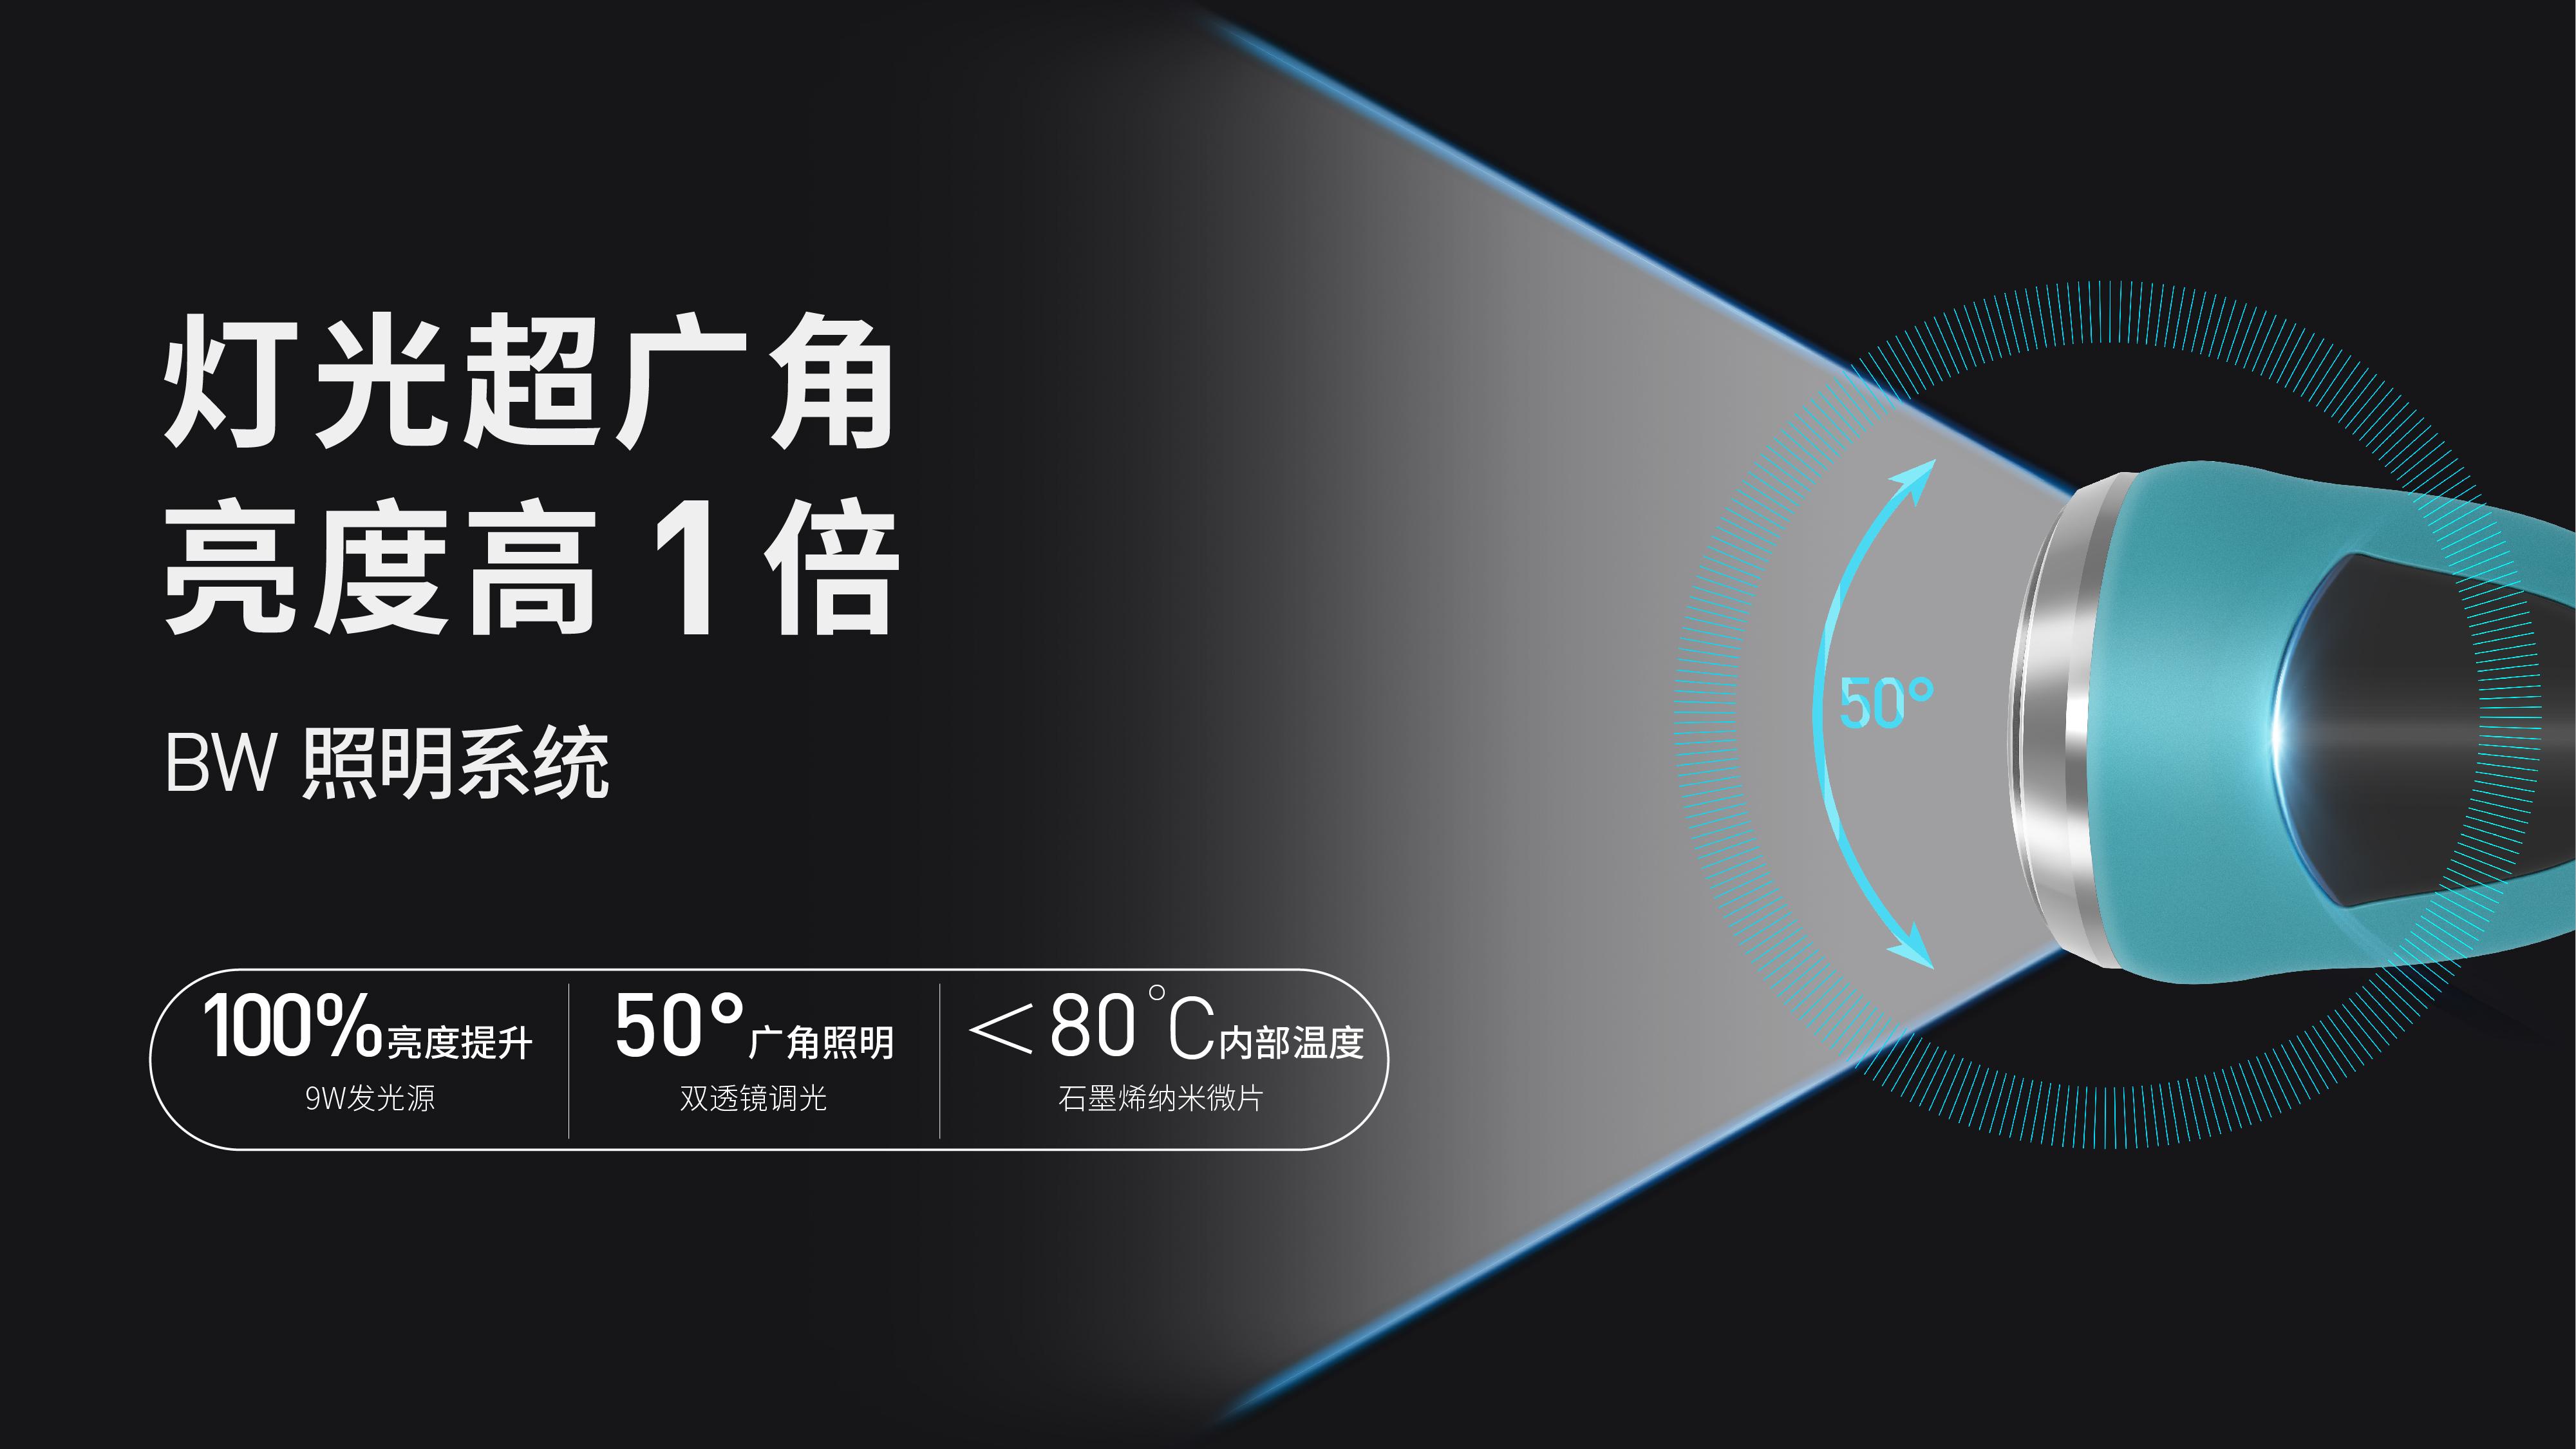 BW照明系统.jpg